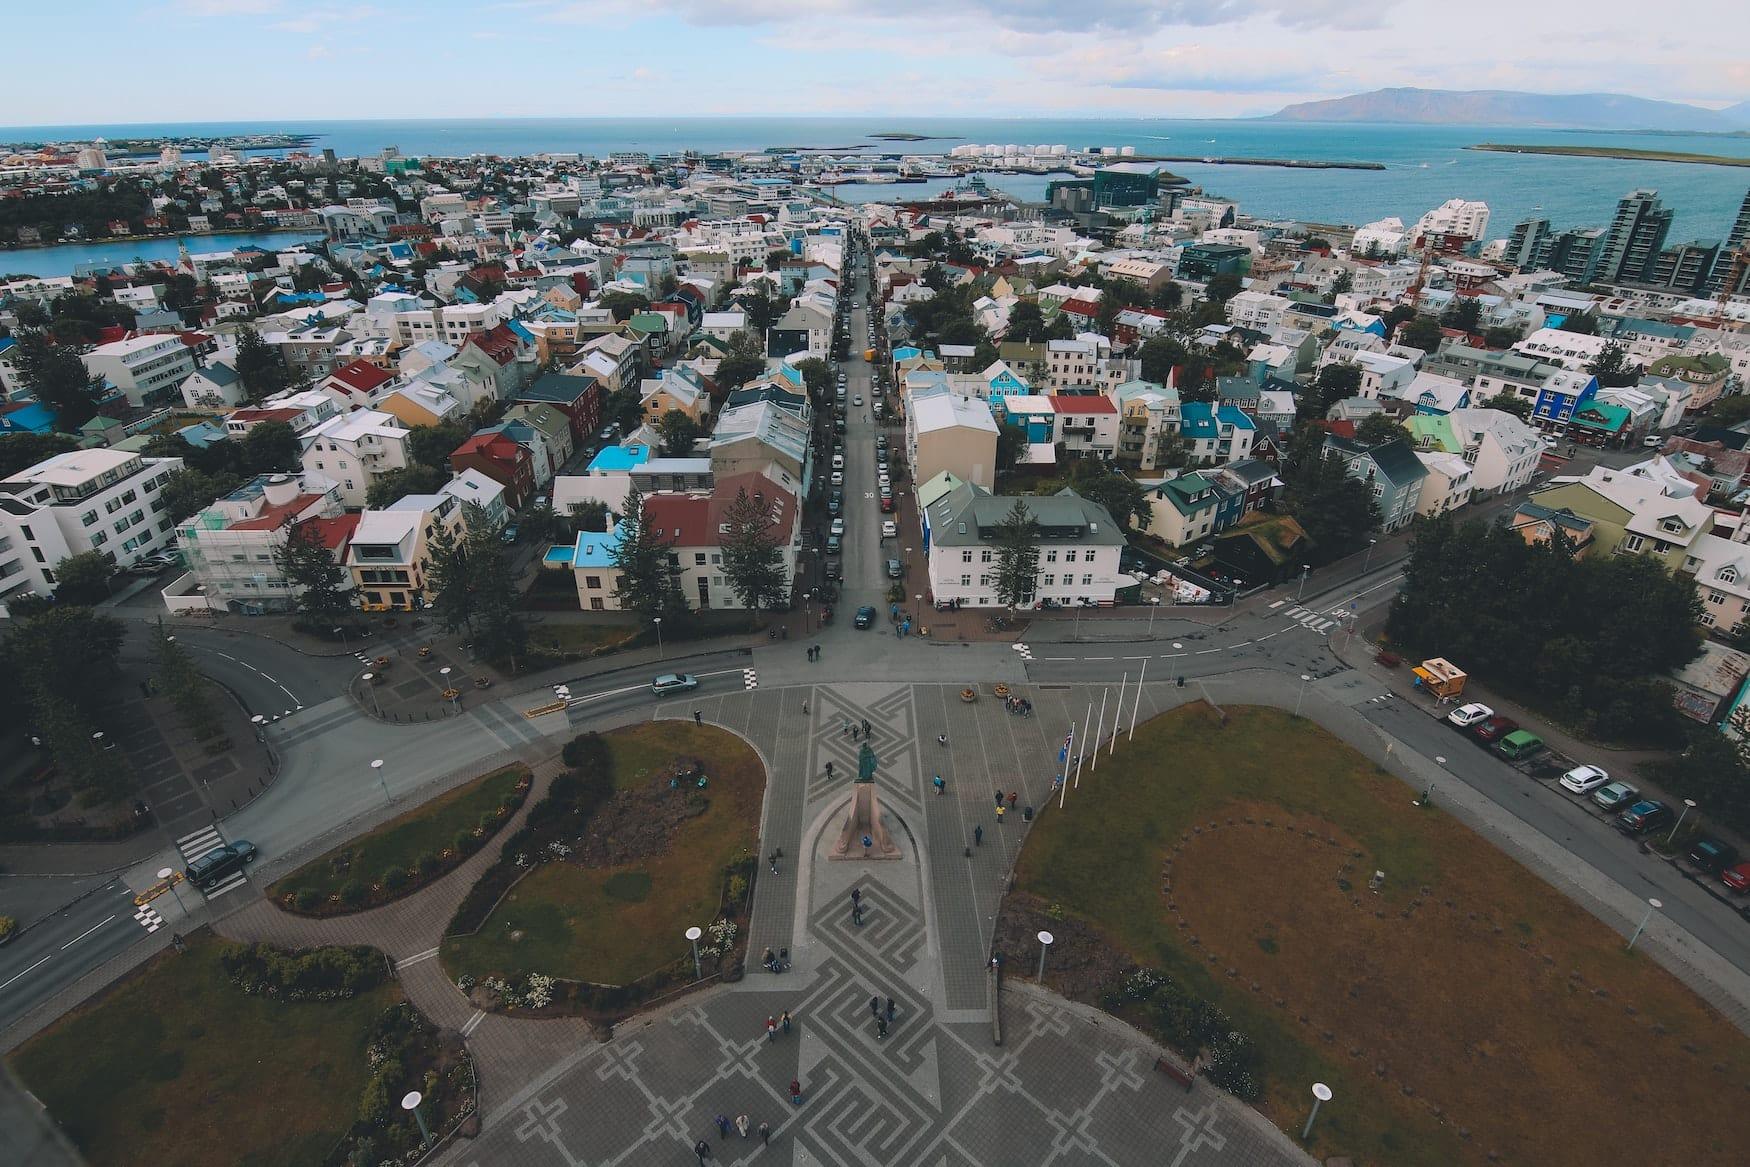 Blick auf die Hautpstraße von Reykjavik